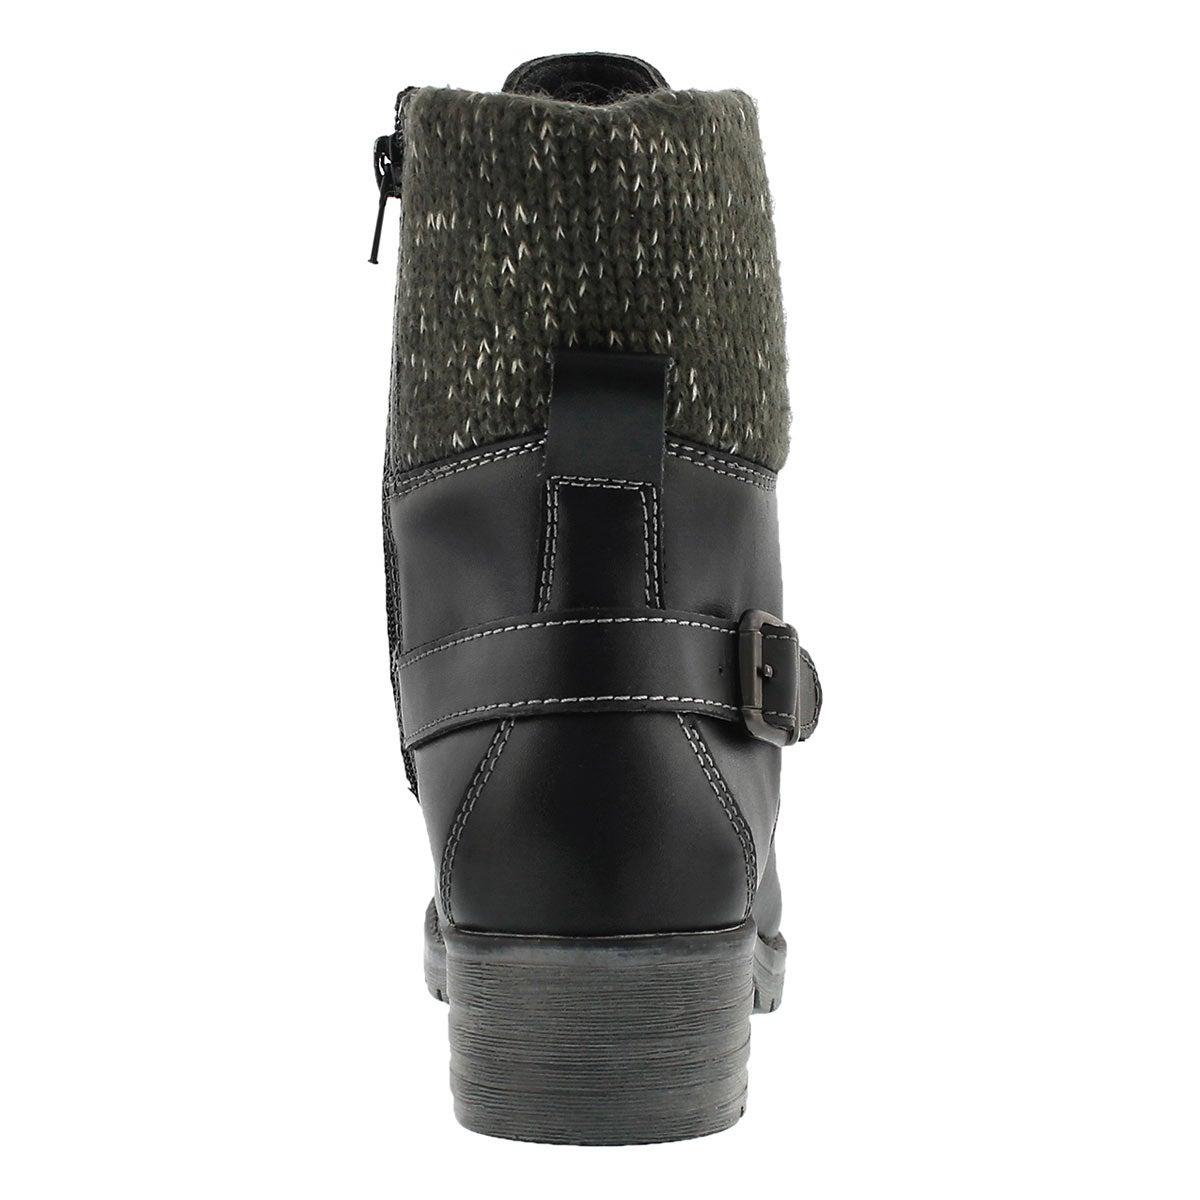 Lds Deedee blk knit top combat boot